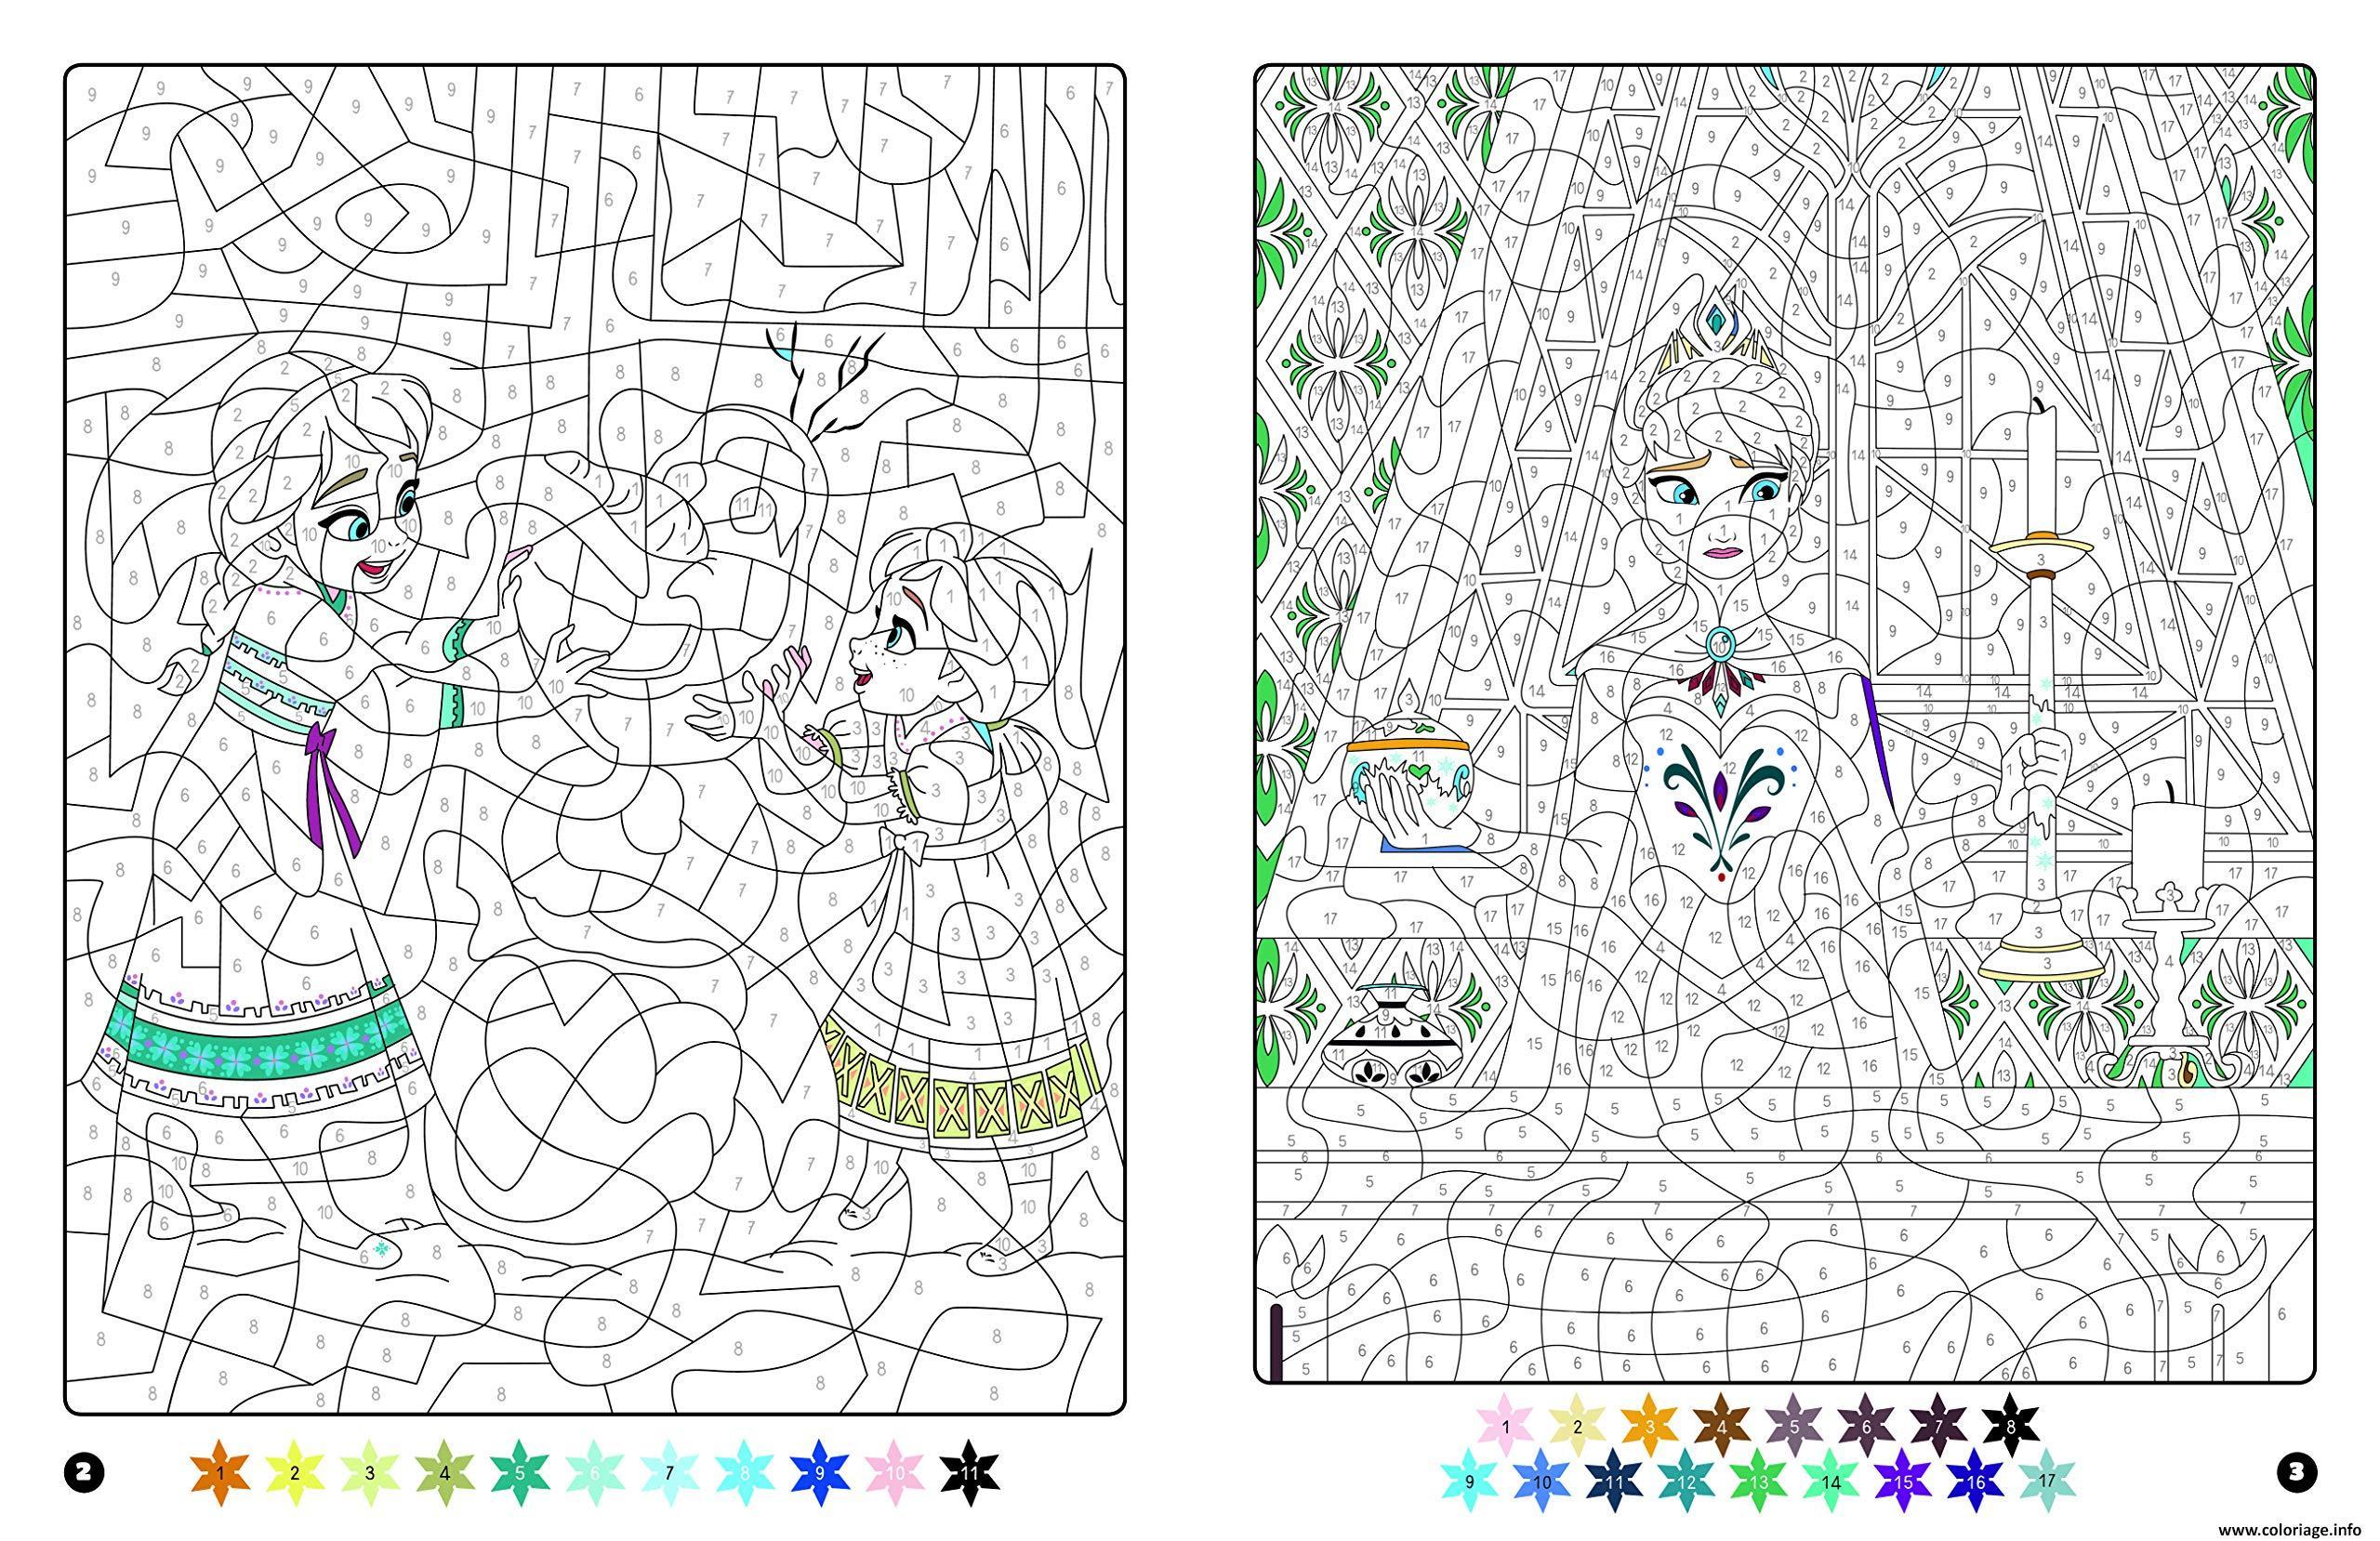 Coloriage Magique Disney Frozen Reine Des Neiges Anna Et Elsa Dessin Magique A Imprimer